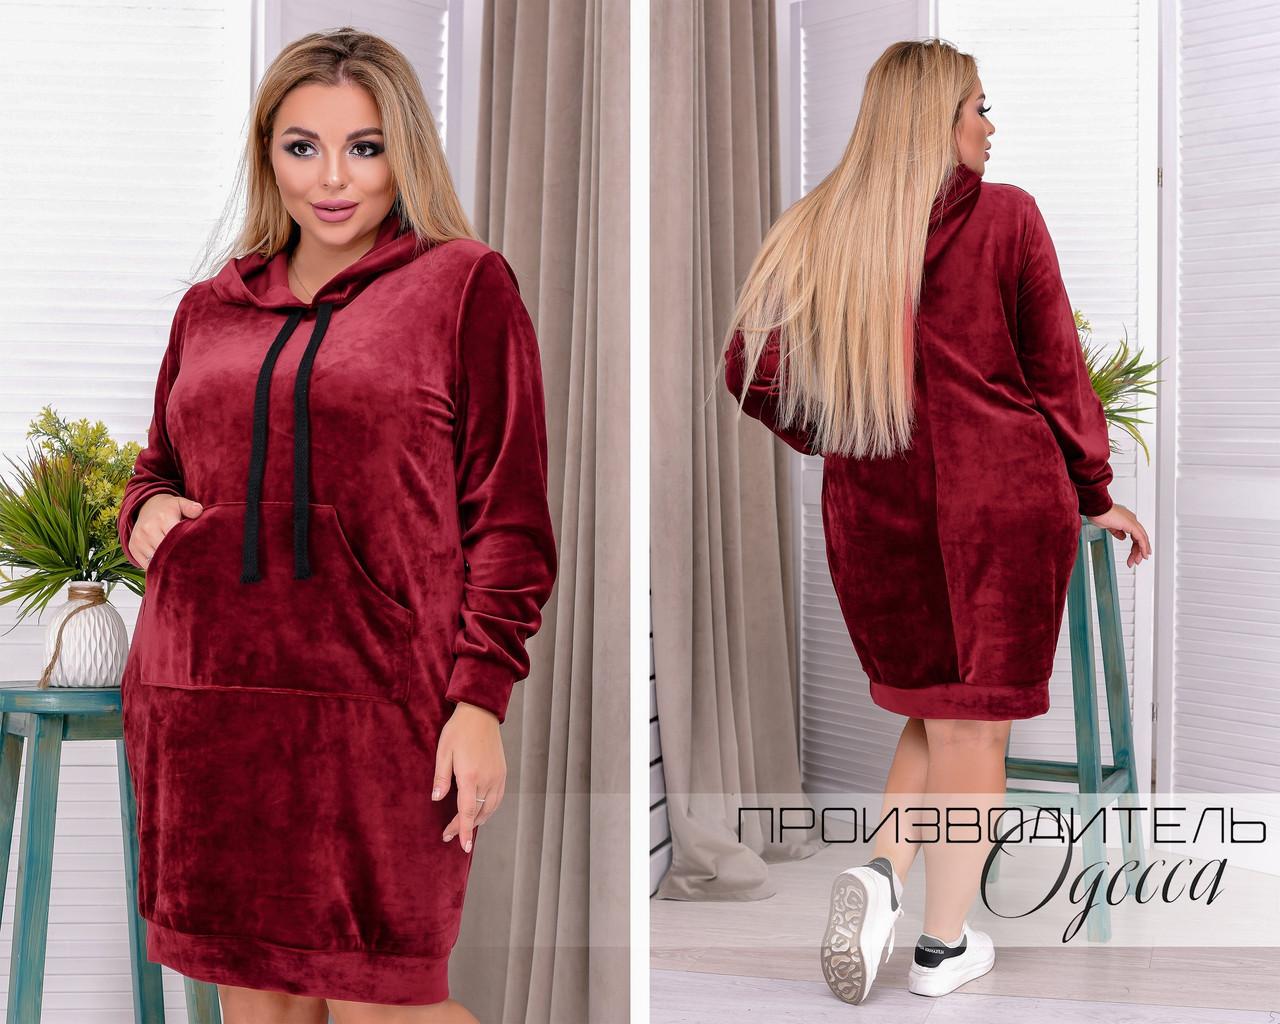 Модное. женское платье в спортивном стиле из плюша  больших размеров с 50 по 72